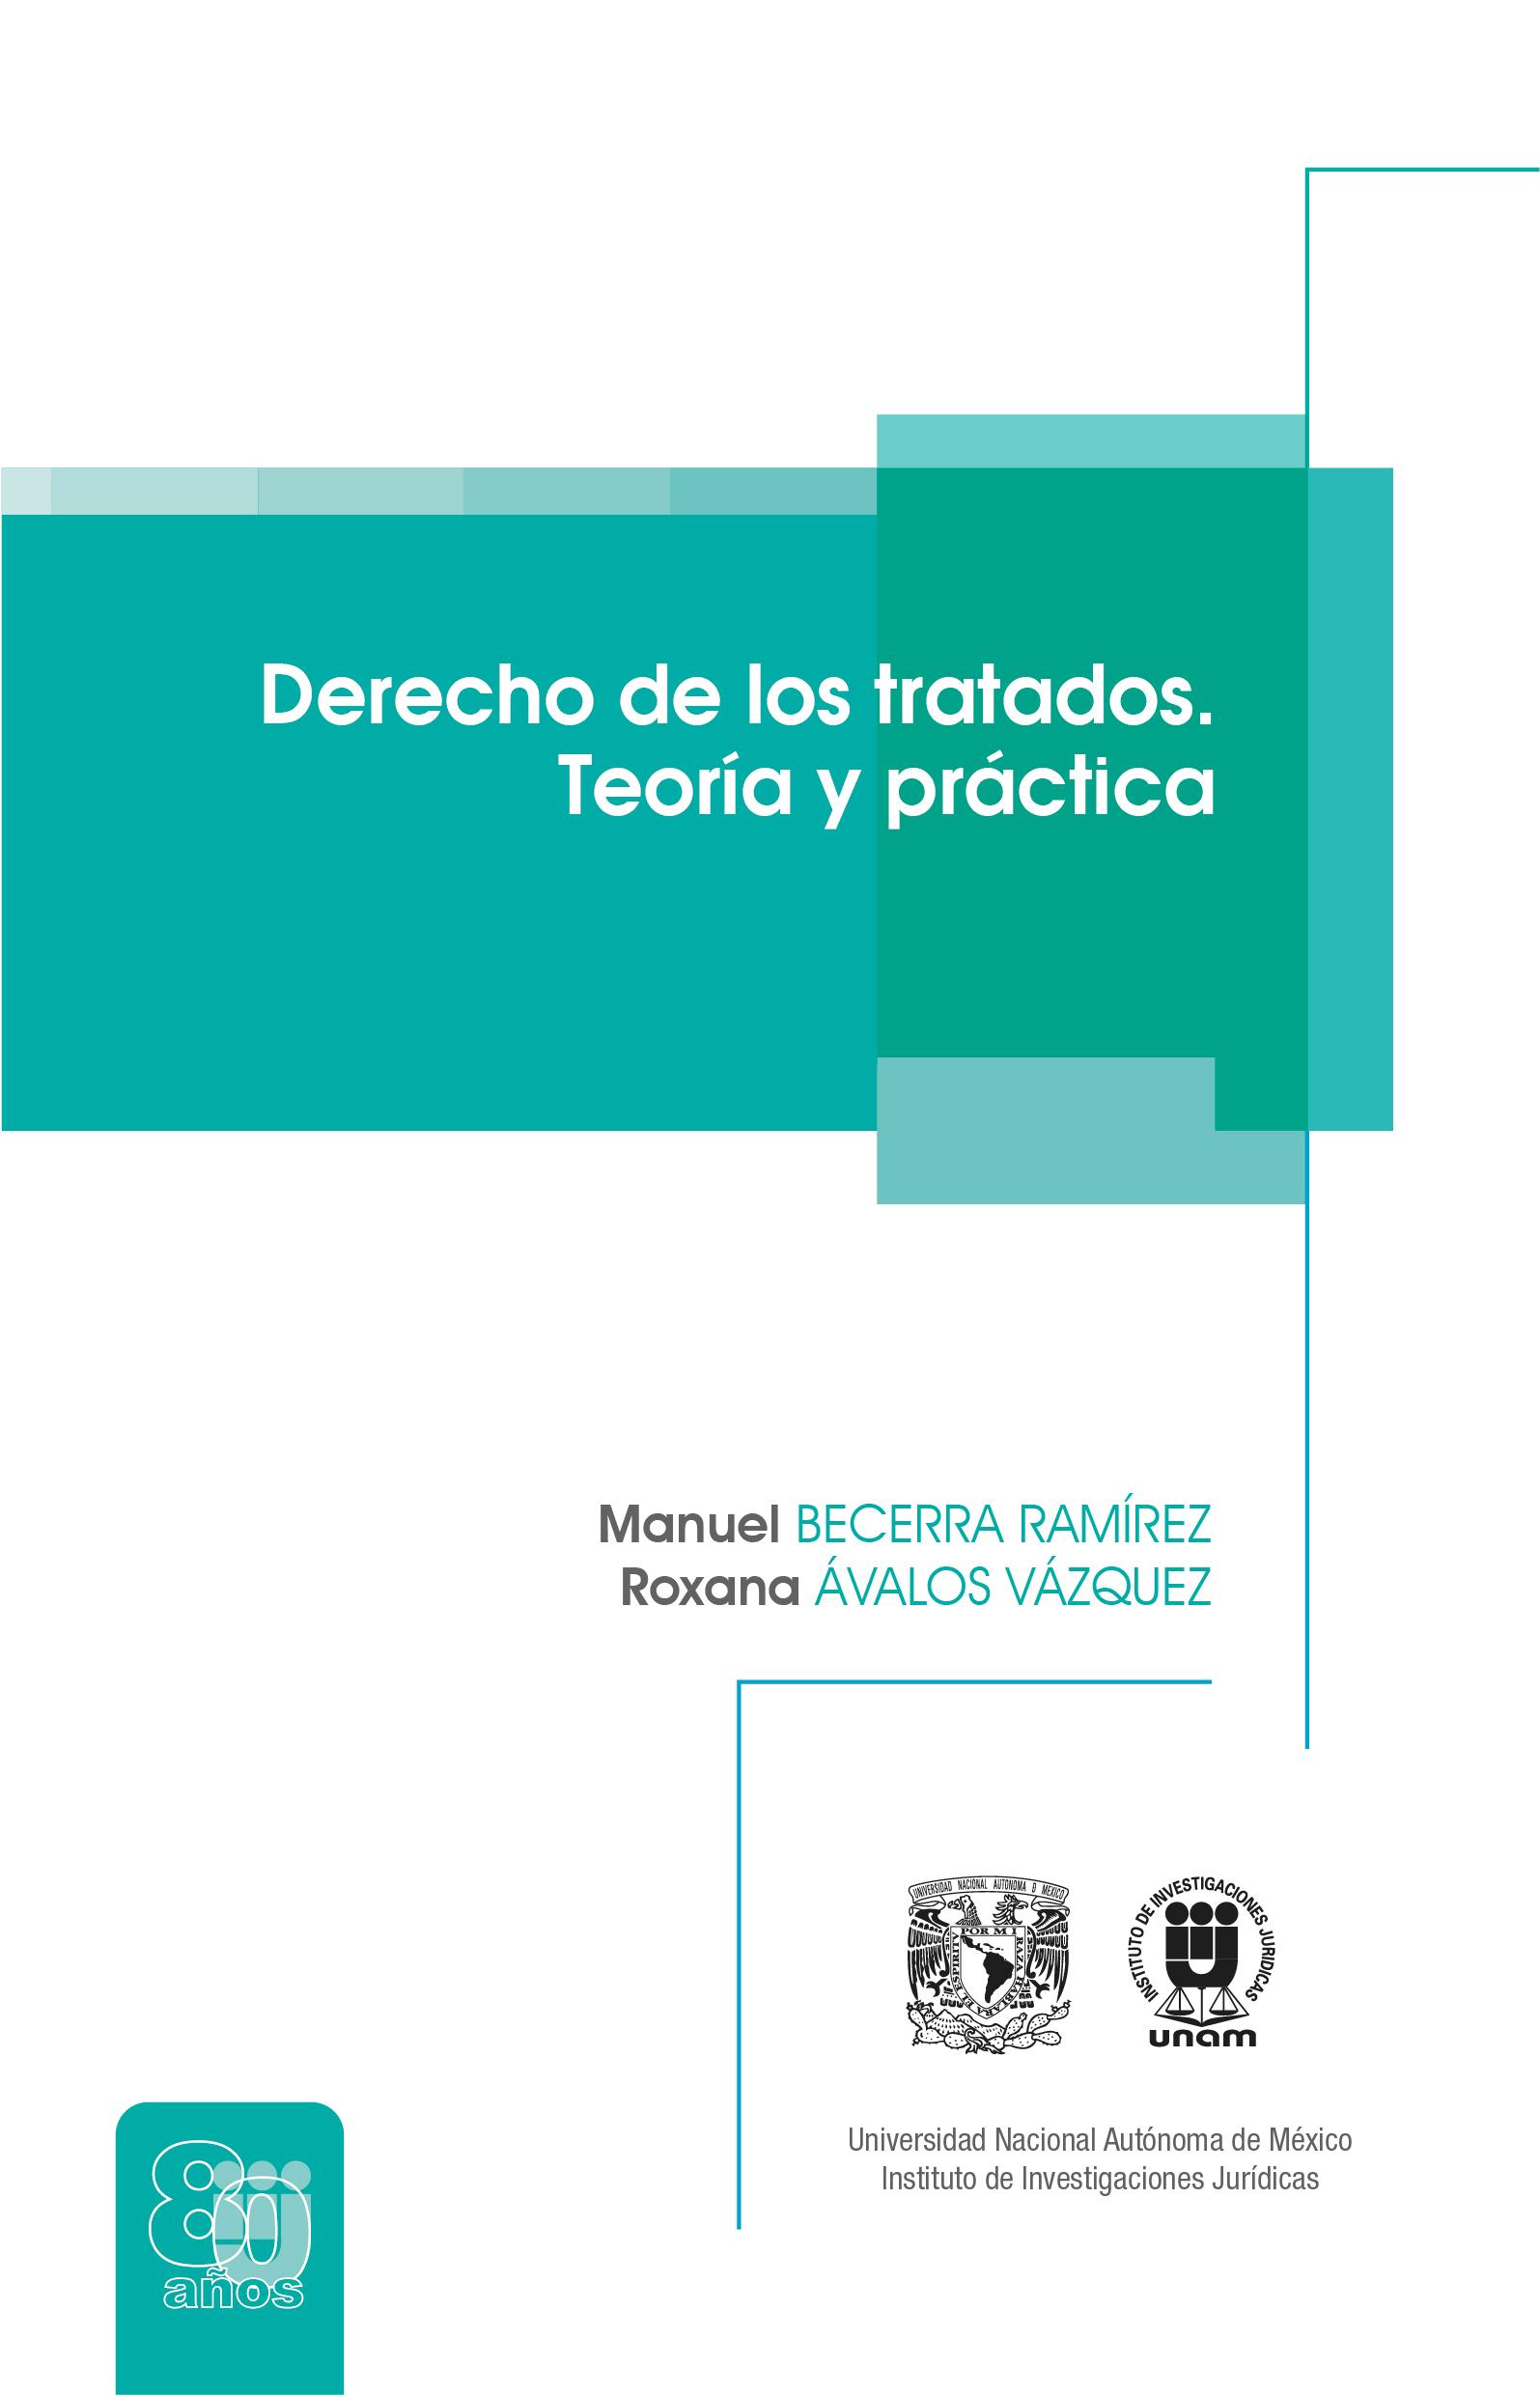 Derecho de los tratados. Teoría y práctica